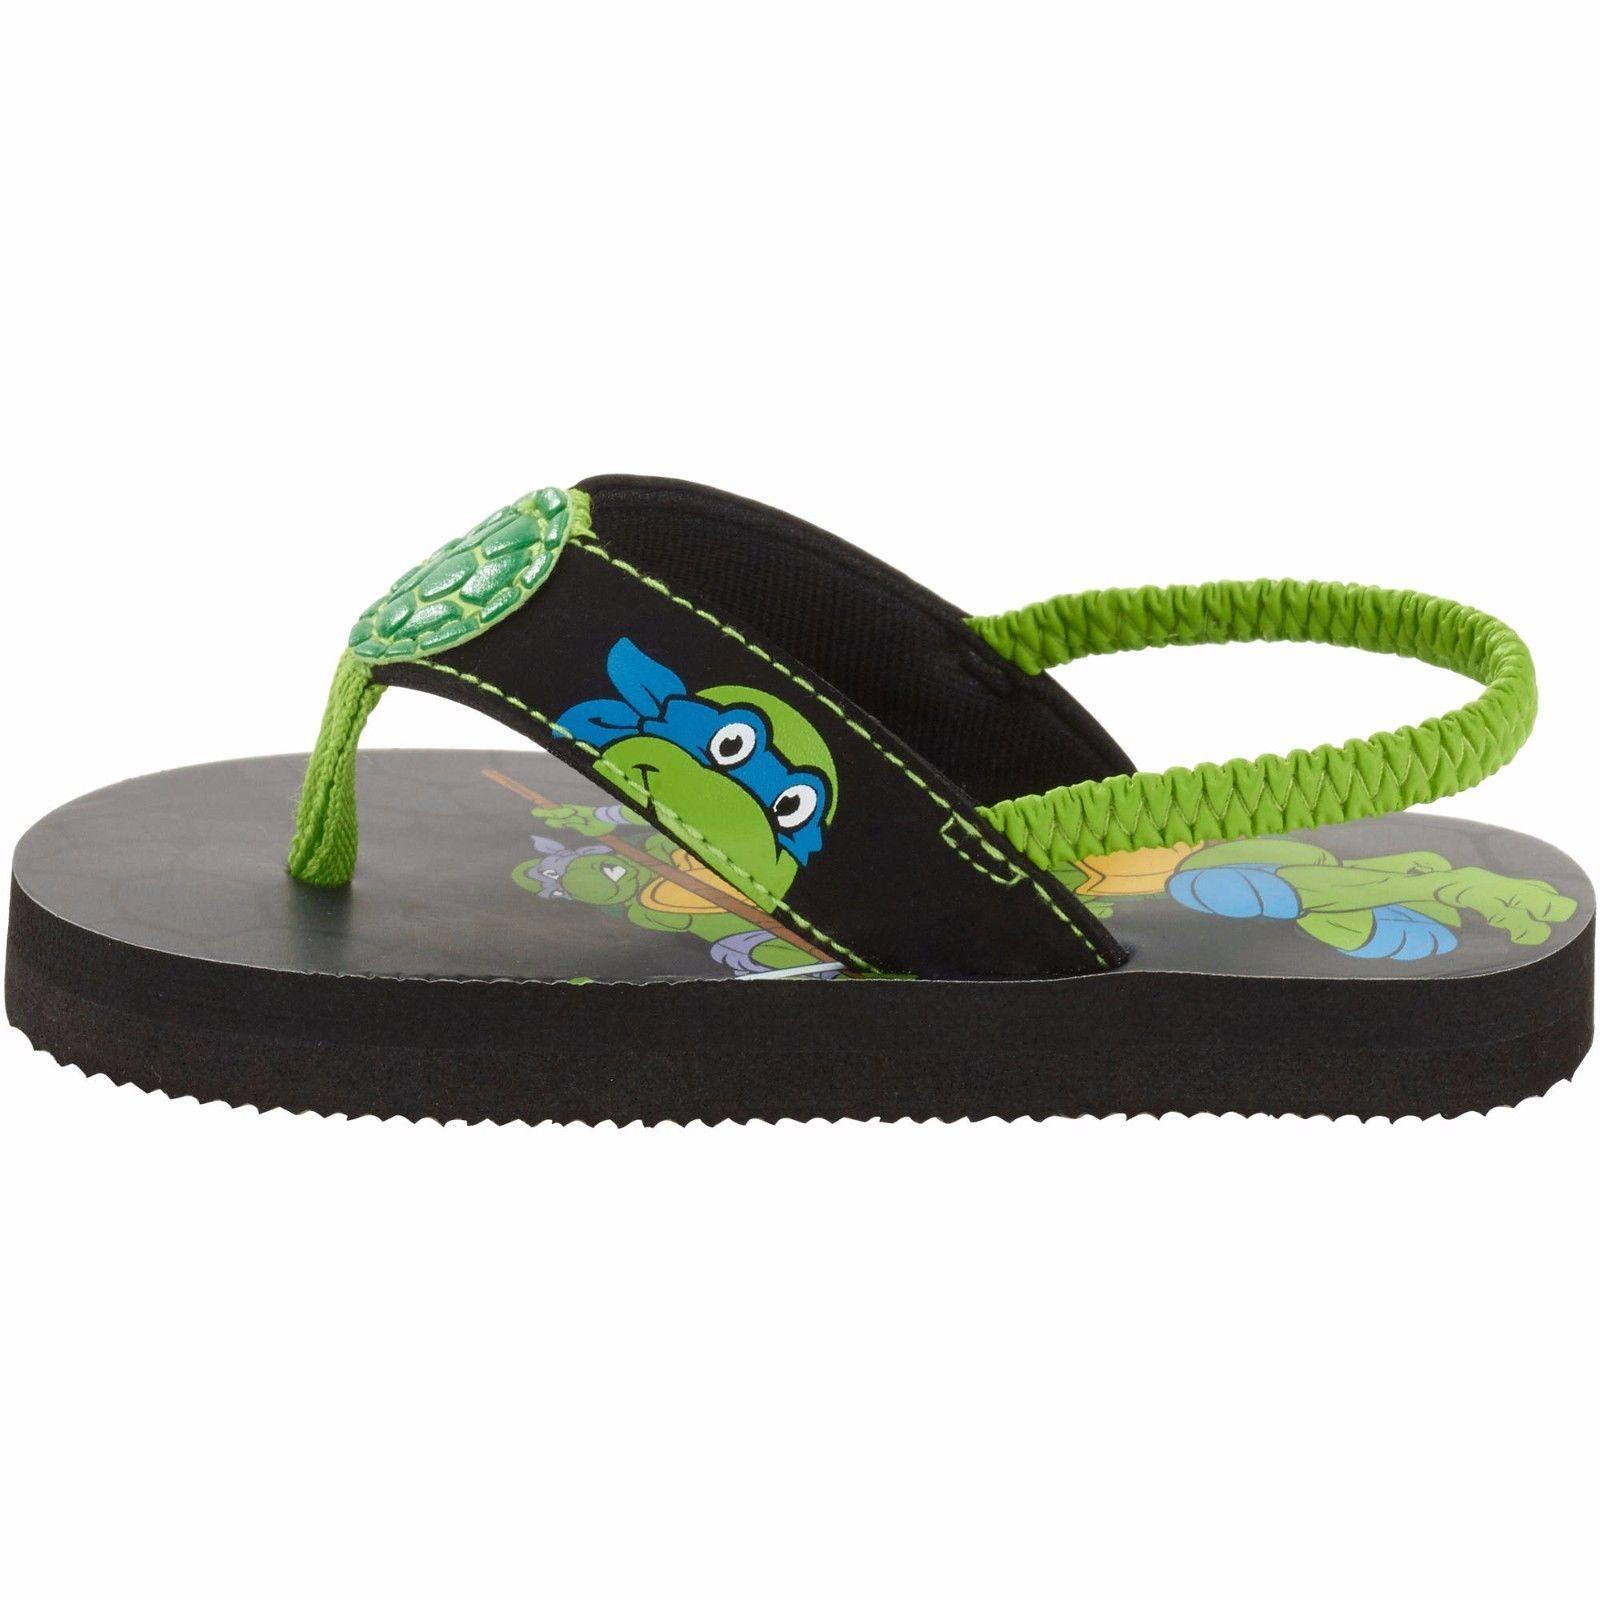 Youth Nickelodeon Teenage Mutant Ninja Turtles Flip Flops Medium width NWT